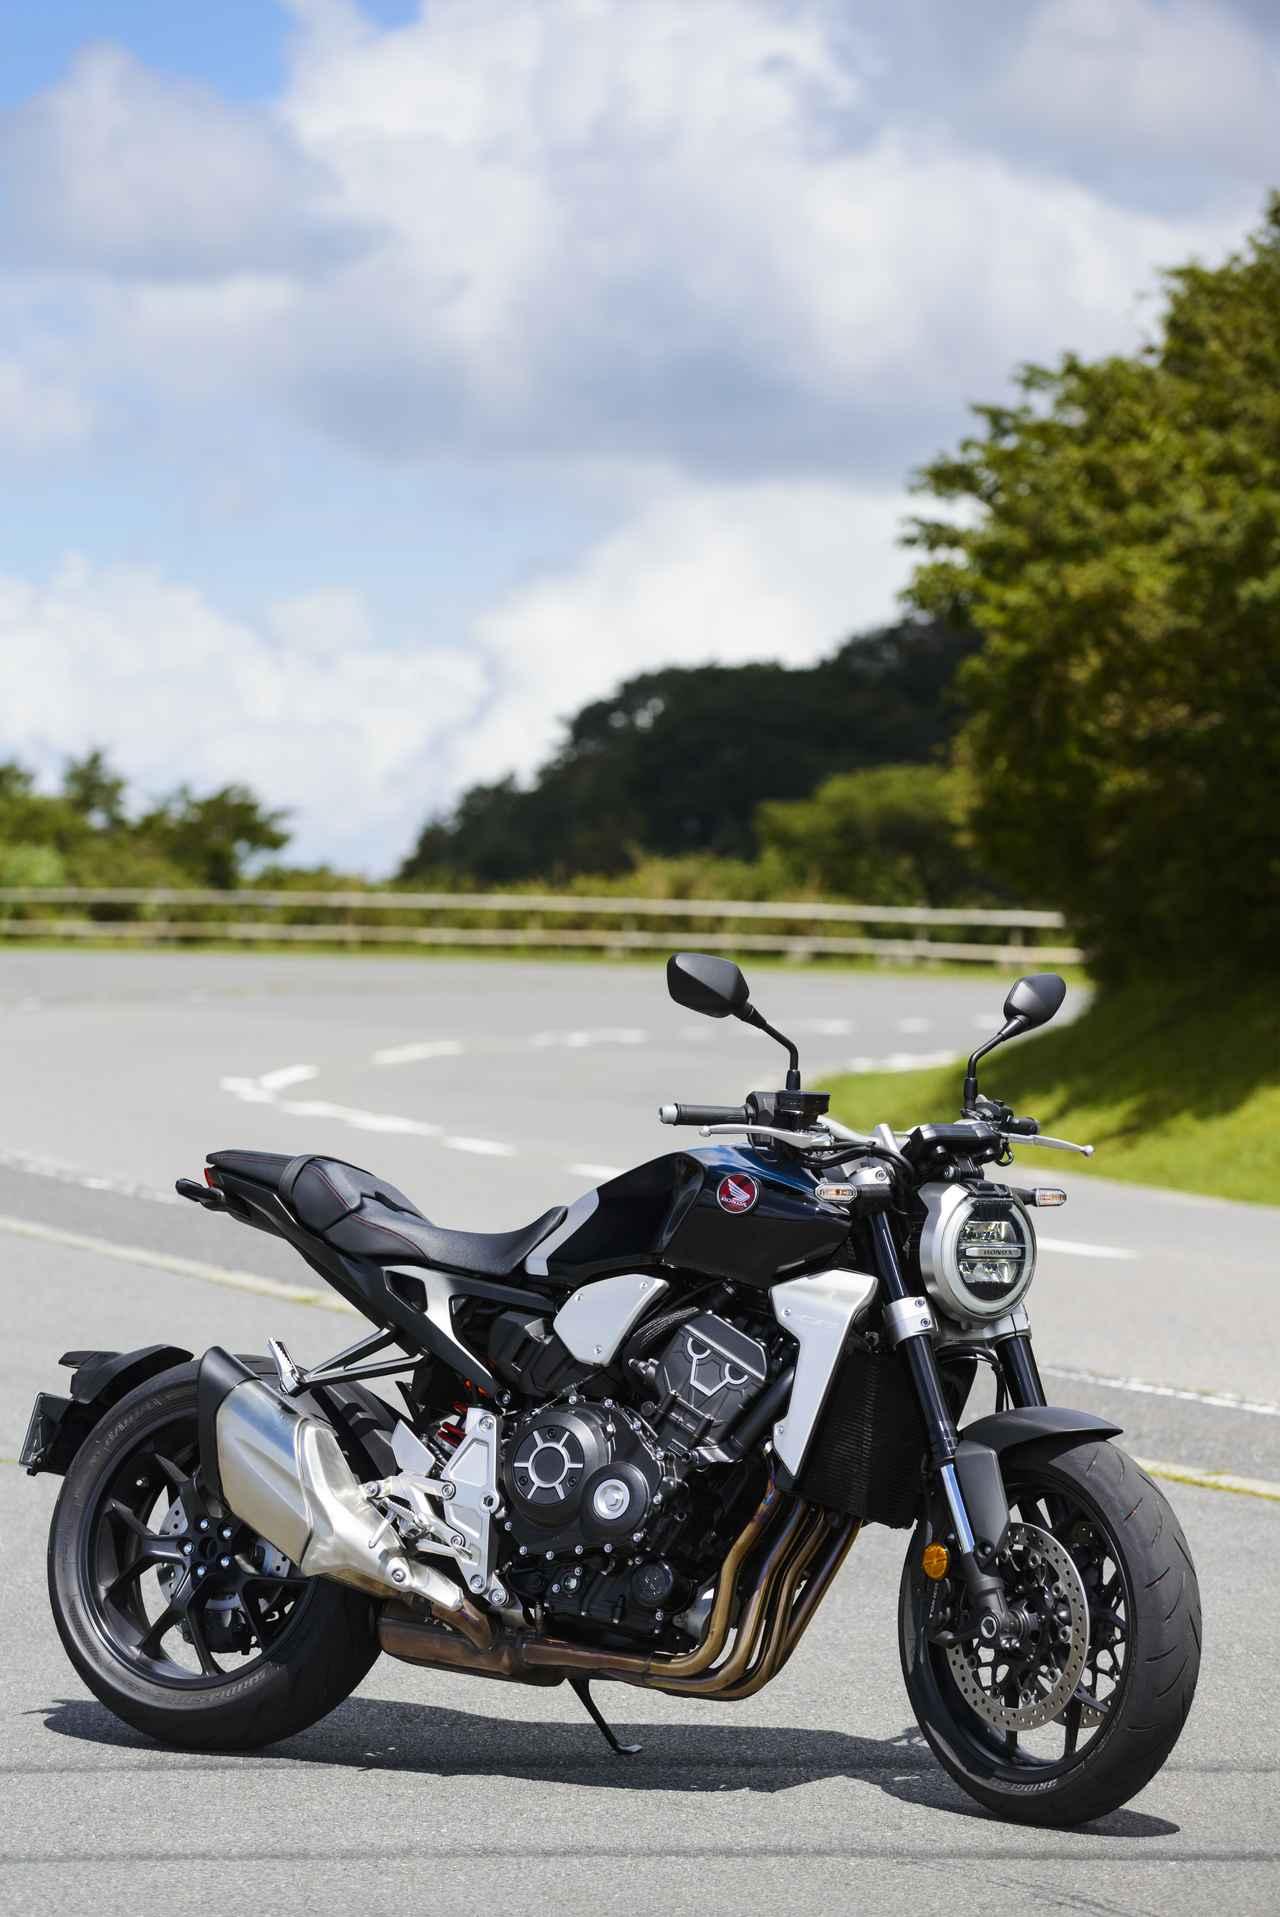 画像1: 【試乗インプレ】ホンダ「CB1000R」/新たなる伝説を作る新世代CBのトップモデルを徹底検証!